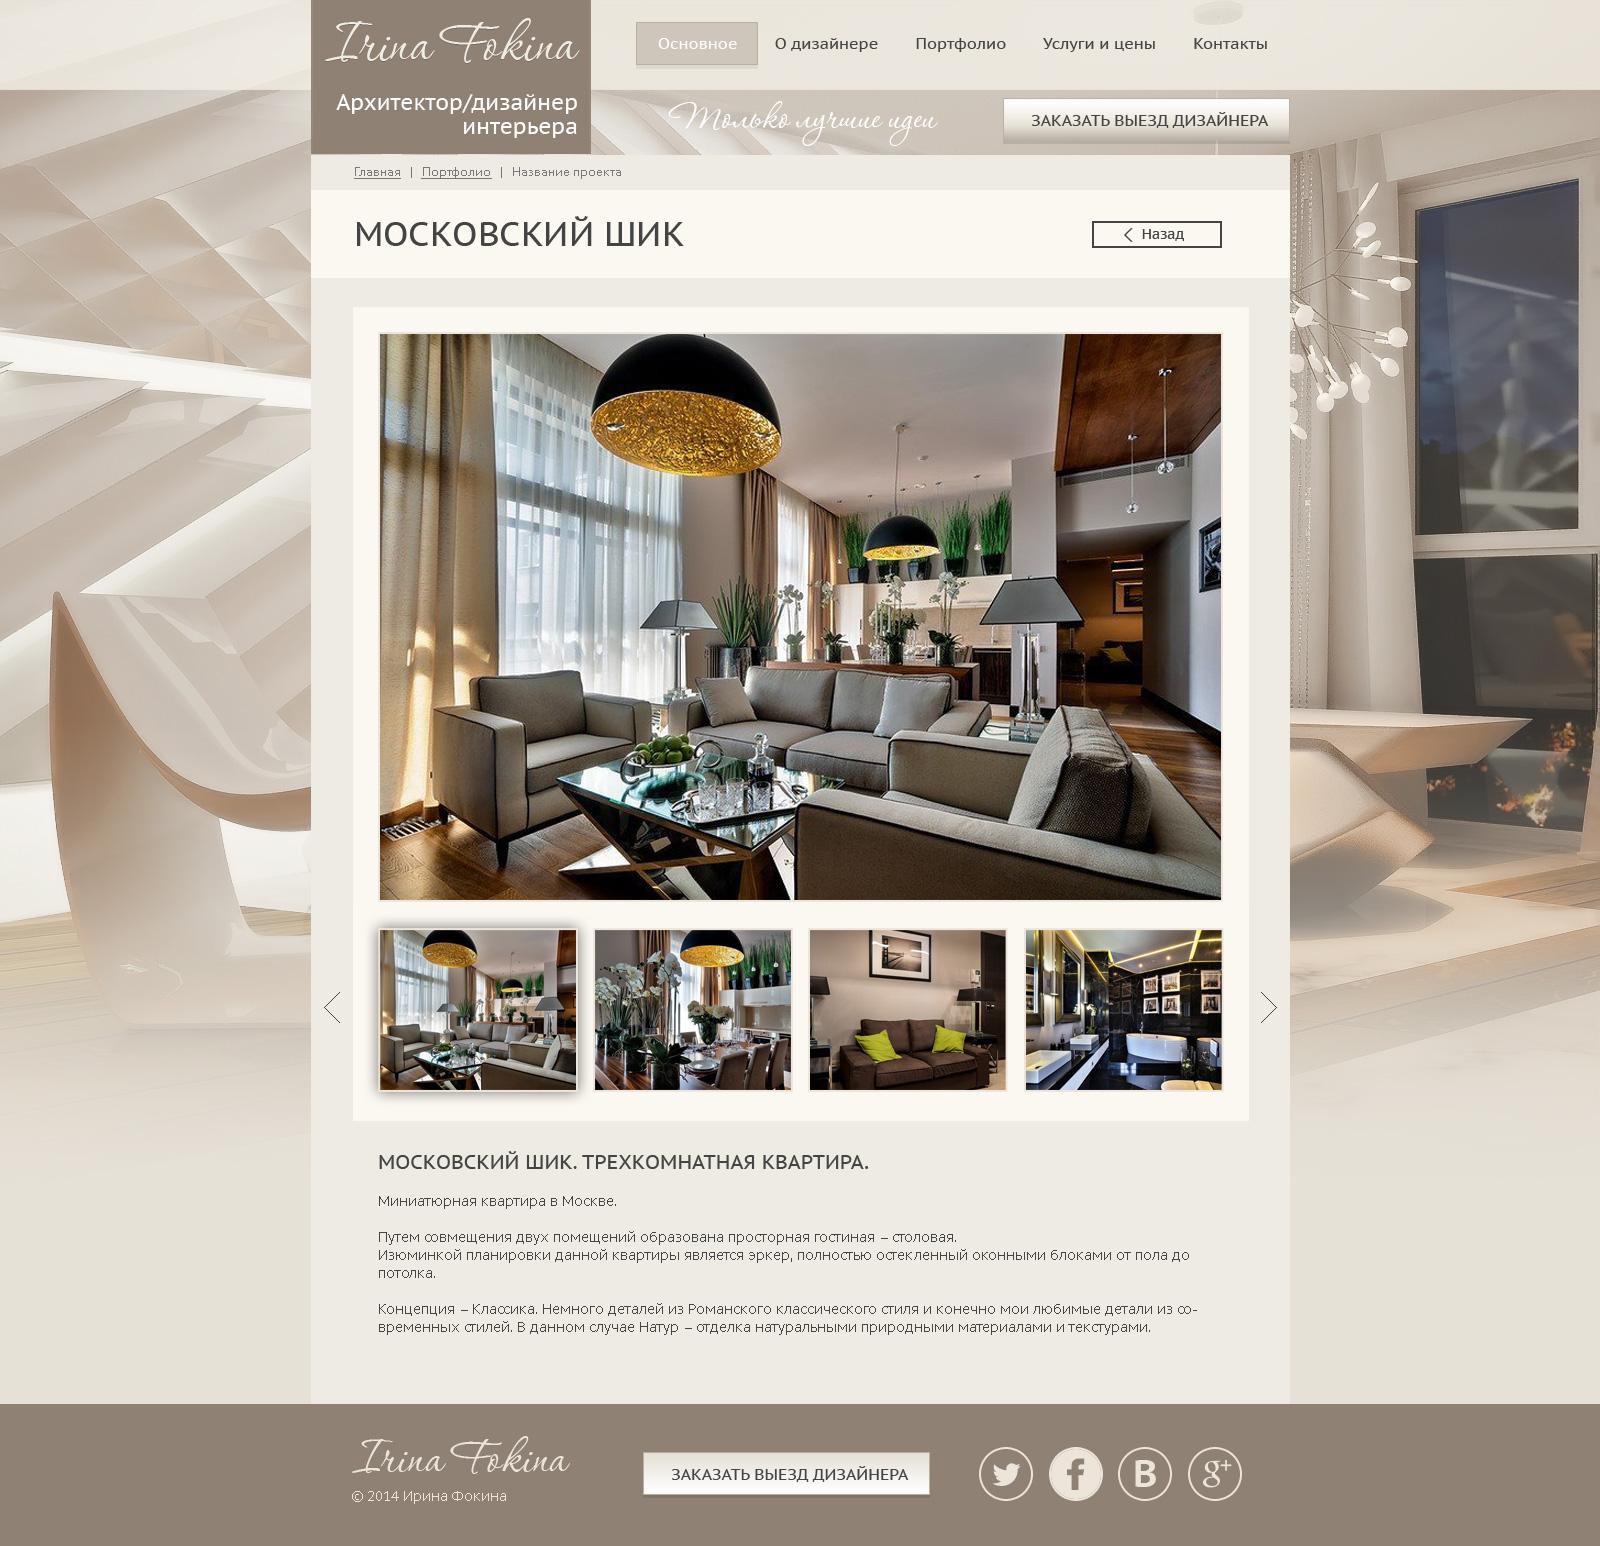 Дизайн для всех сайт о дизайне интерьера - Форум о дизайне интерьера